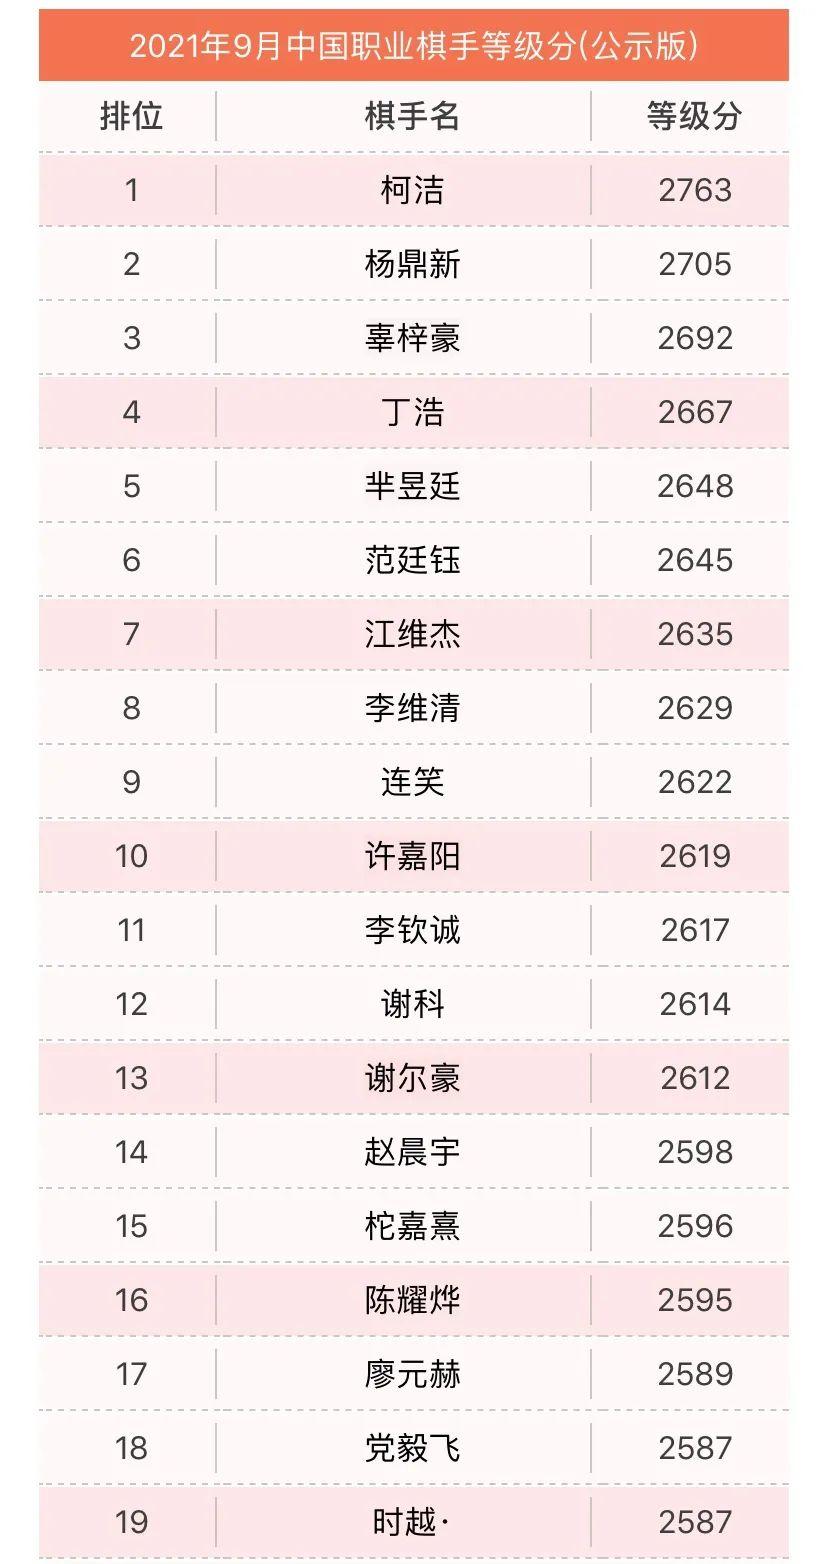 2021年9月围棋职业棋手等级分公示 五人升段